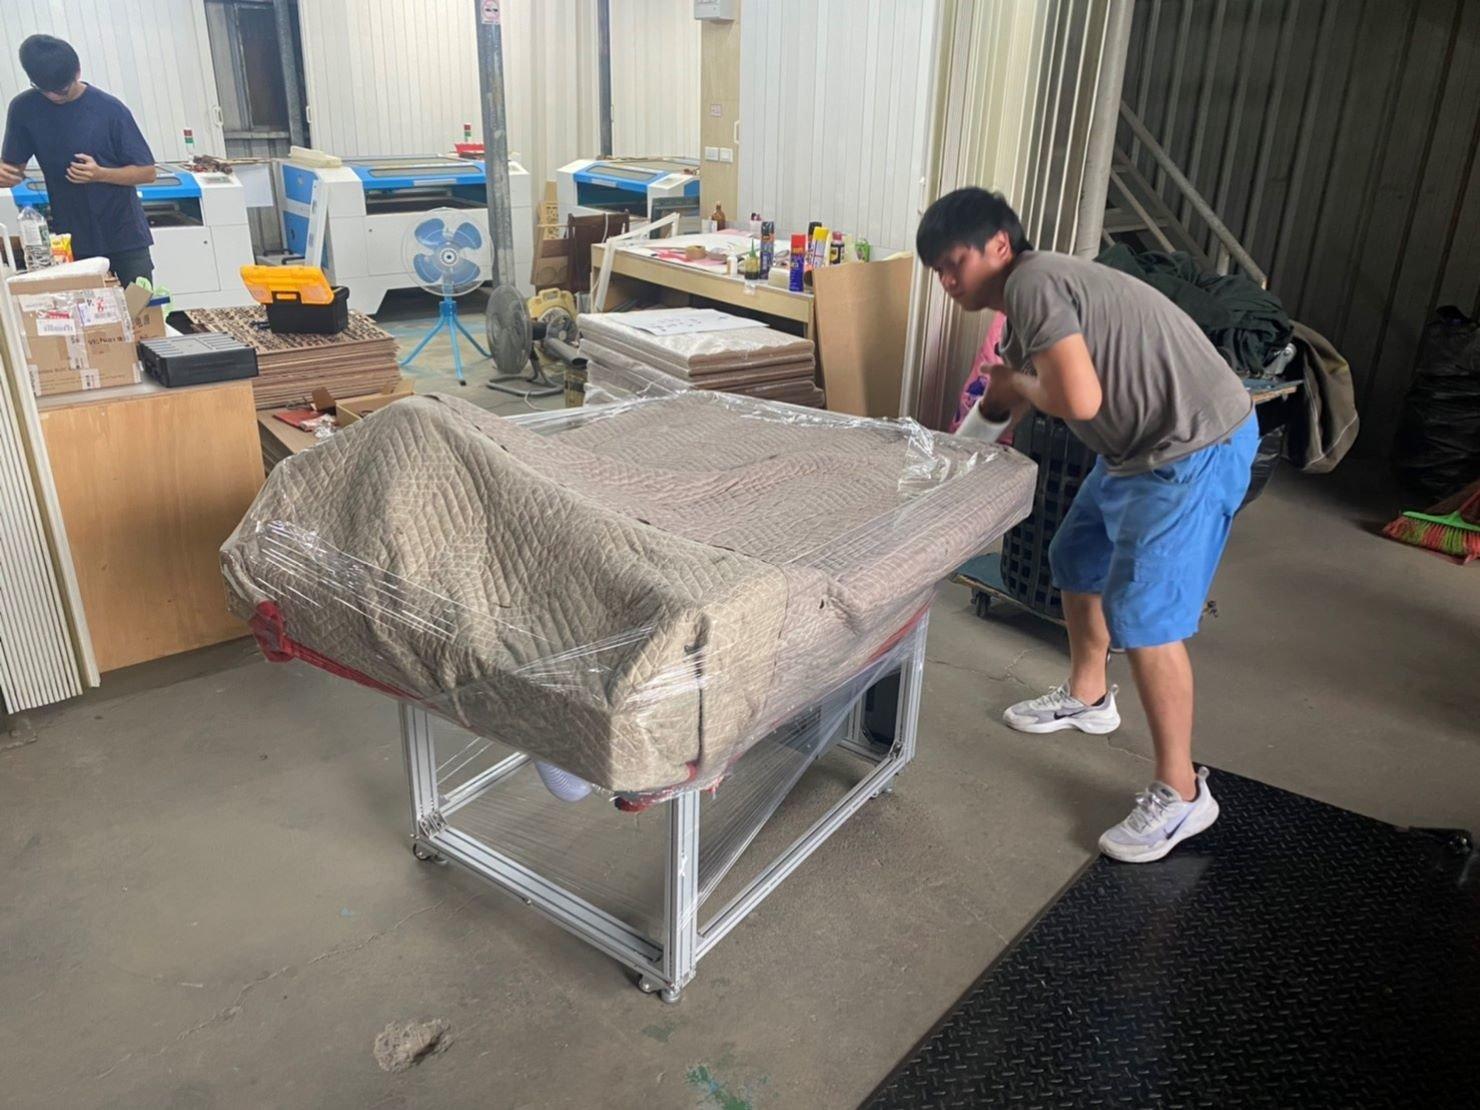 台北搬家公司推薦【榮福搬家公司】搬切割機、搬重物值得您來選擇:先以軍毯將切割機包覆,避免搬運中碰撞及刮傷磨損。